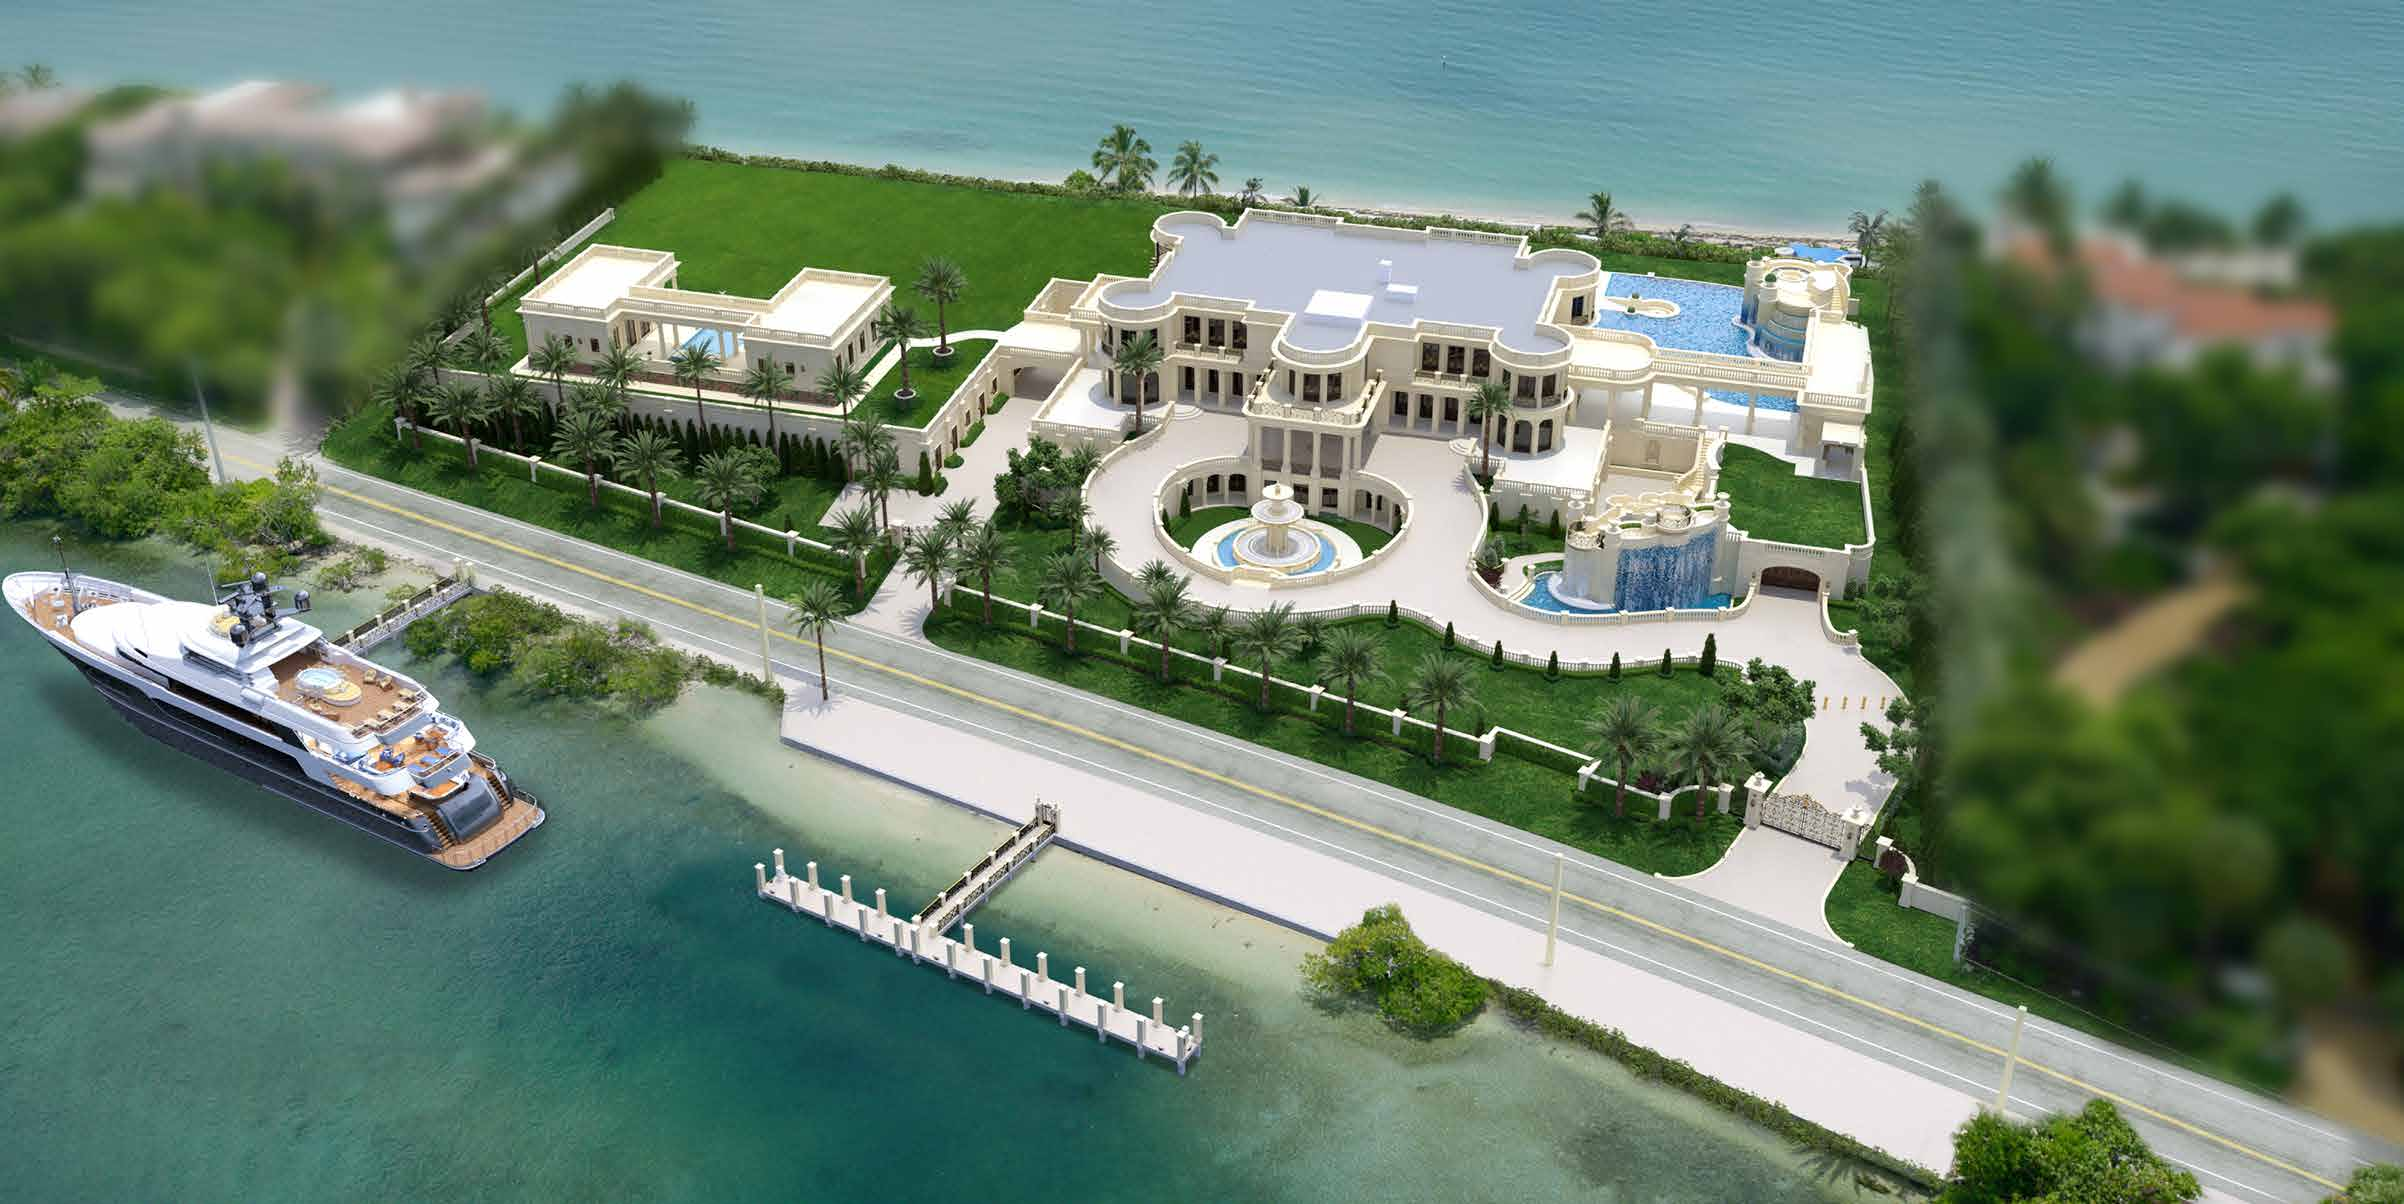 Le Palais Royal   Miami Luxury Real Estate +1 855-756-4264